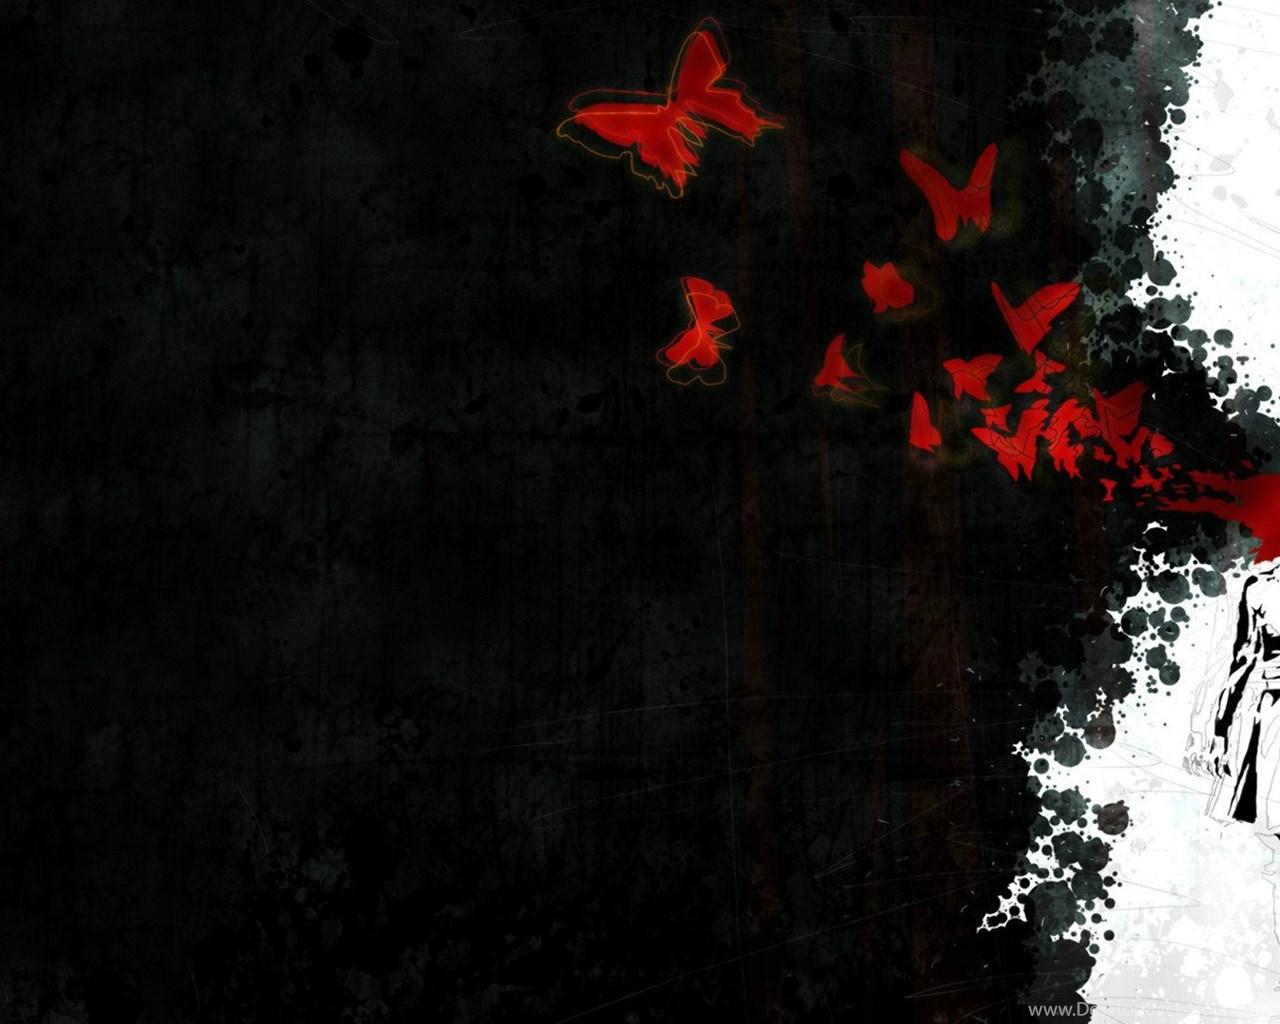 Suicide Wallpapers Zone Desktop Background